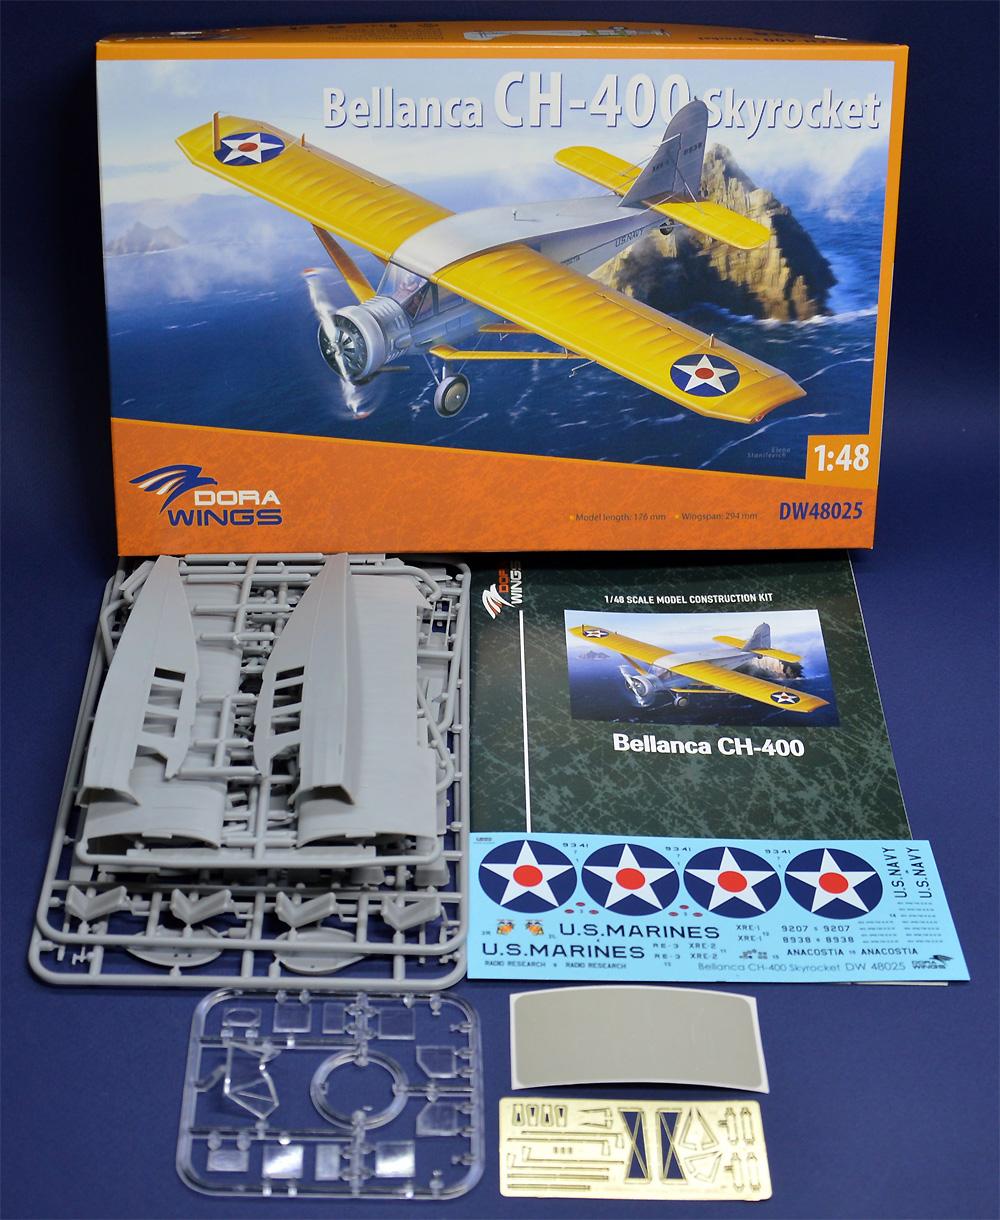 べランカ CH-400 スカイロケットプラモデル(ドラ ウイングス1/48 エアクラフト プラモデルNo.DW48025)商品画像_1